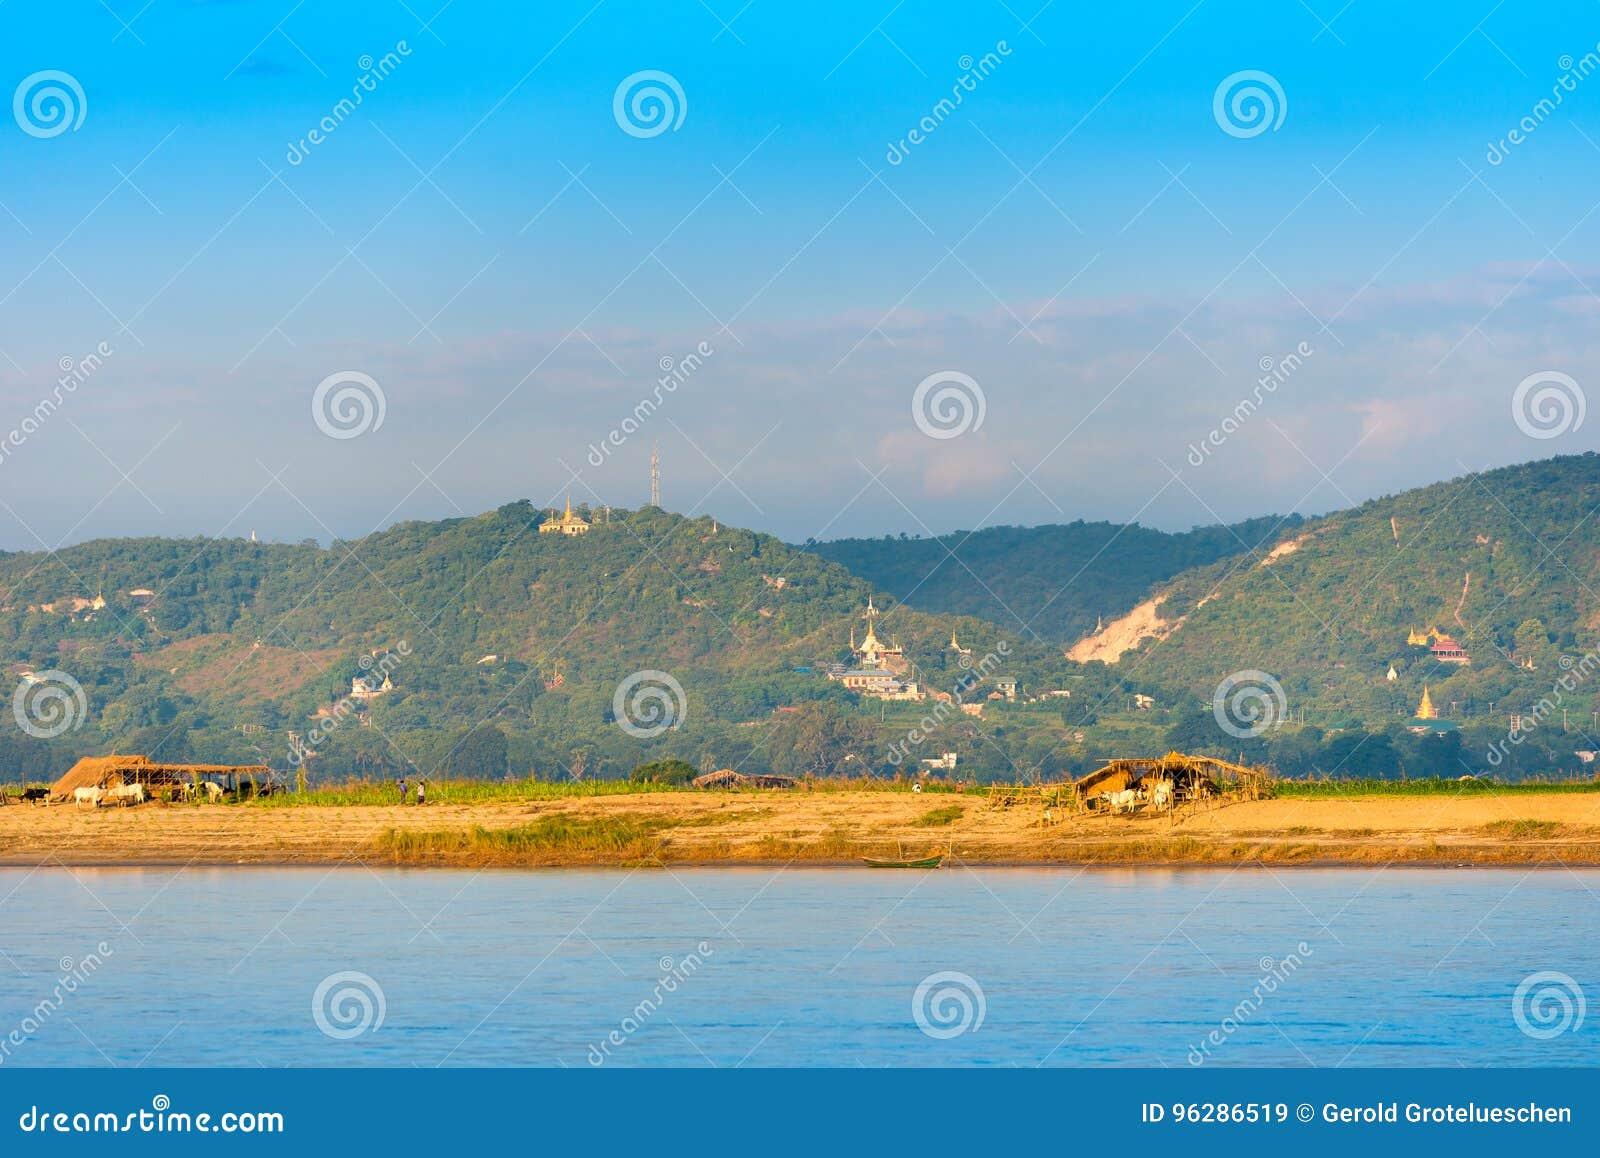 I contadini che lavorano alla banca del fiume Irrawaddy, Mandalay, Myanmar, Birmania Copi lo spazio per testo verticale